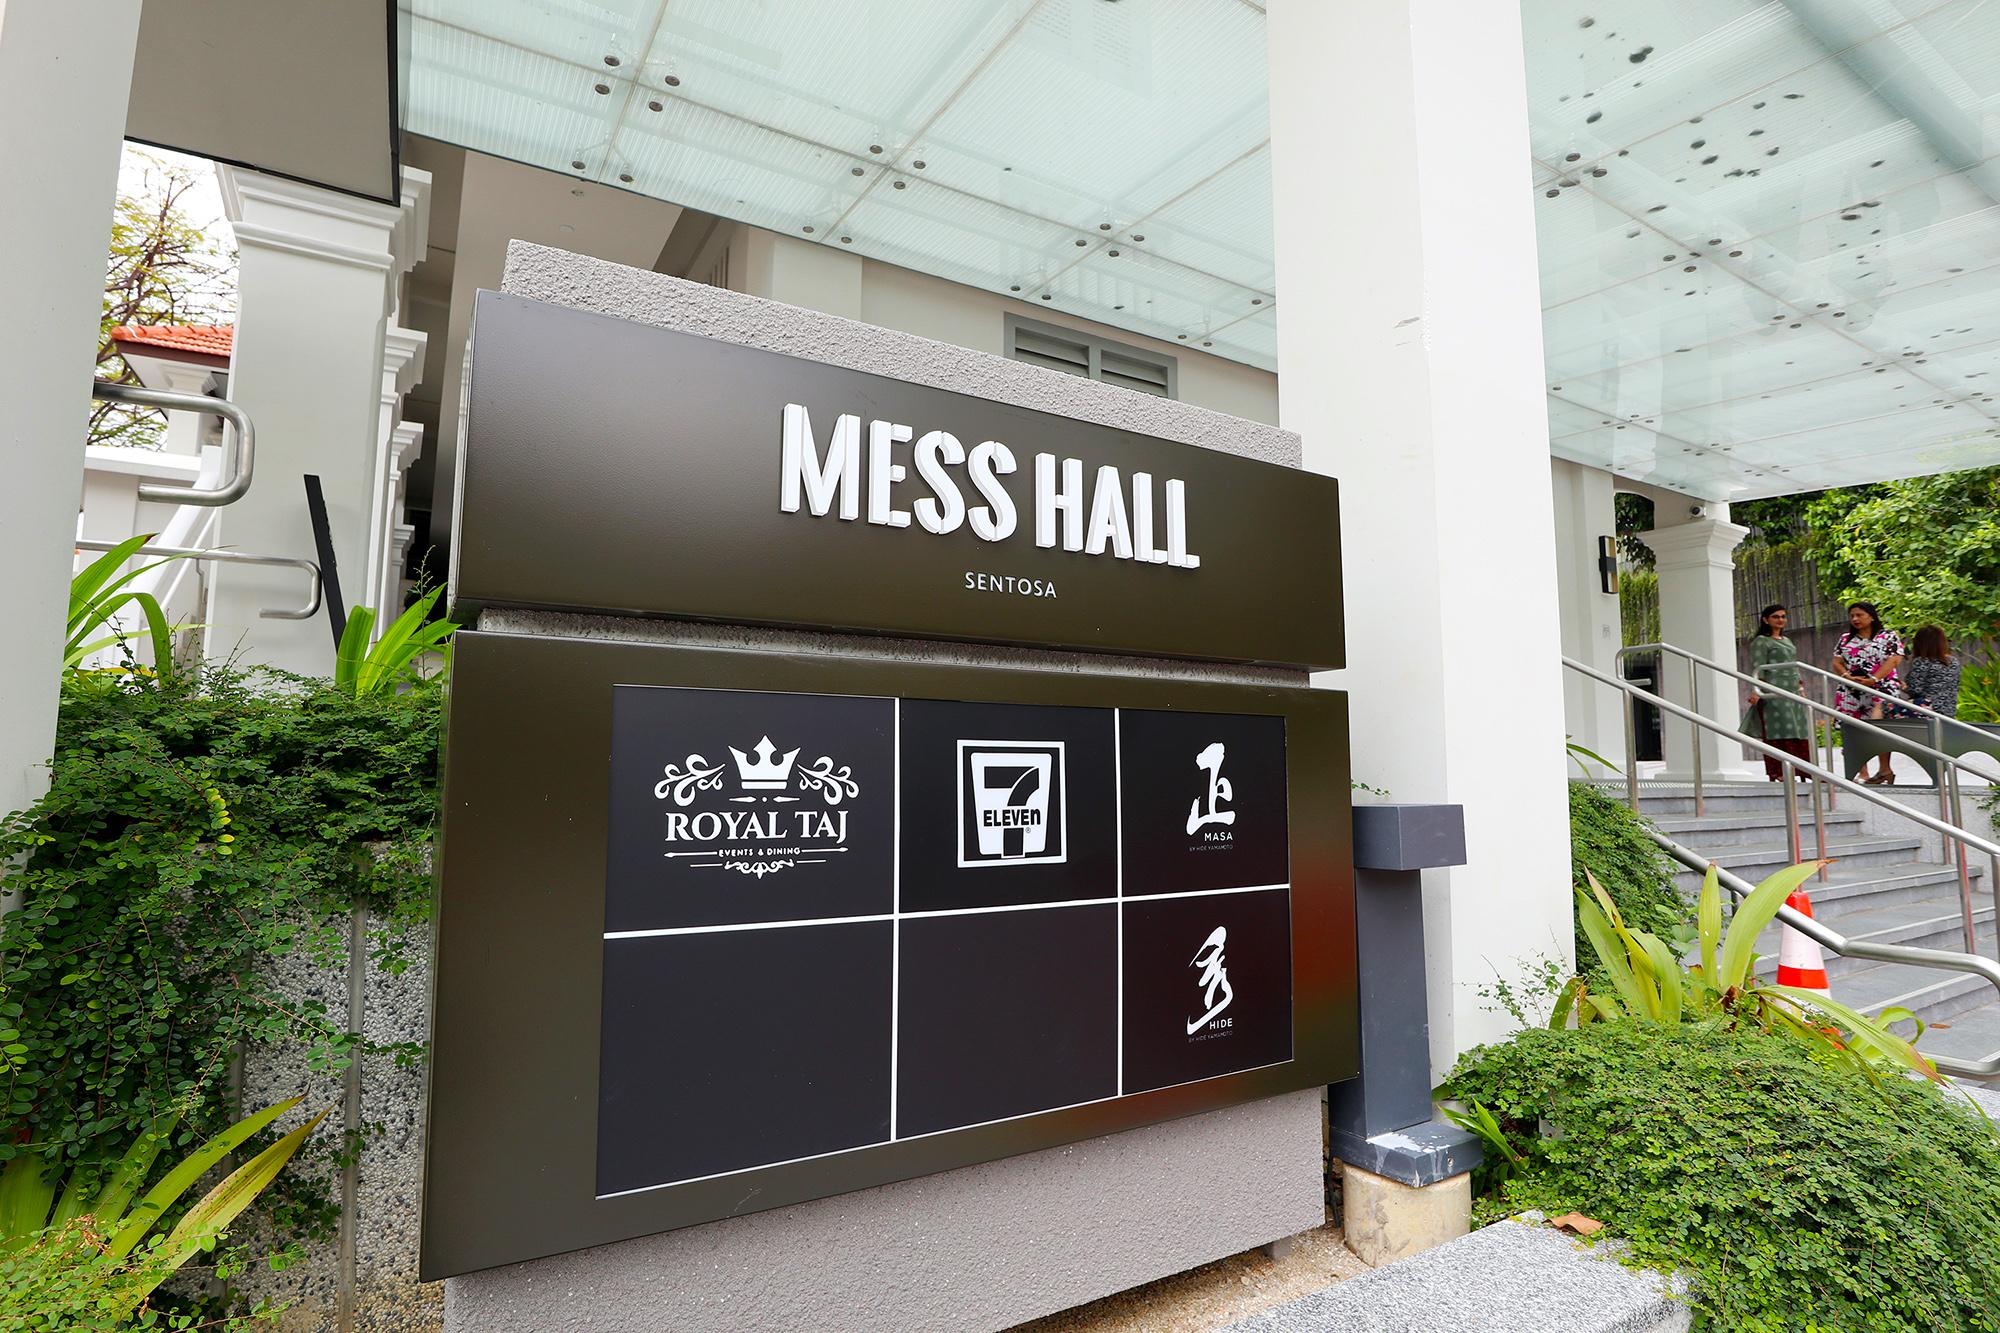 Mess Hall Sign.jpg